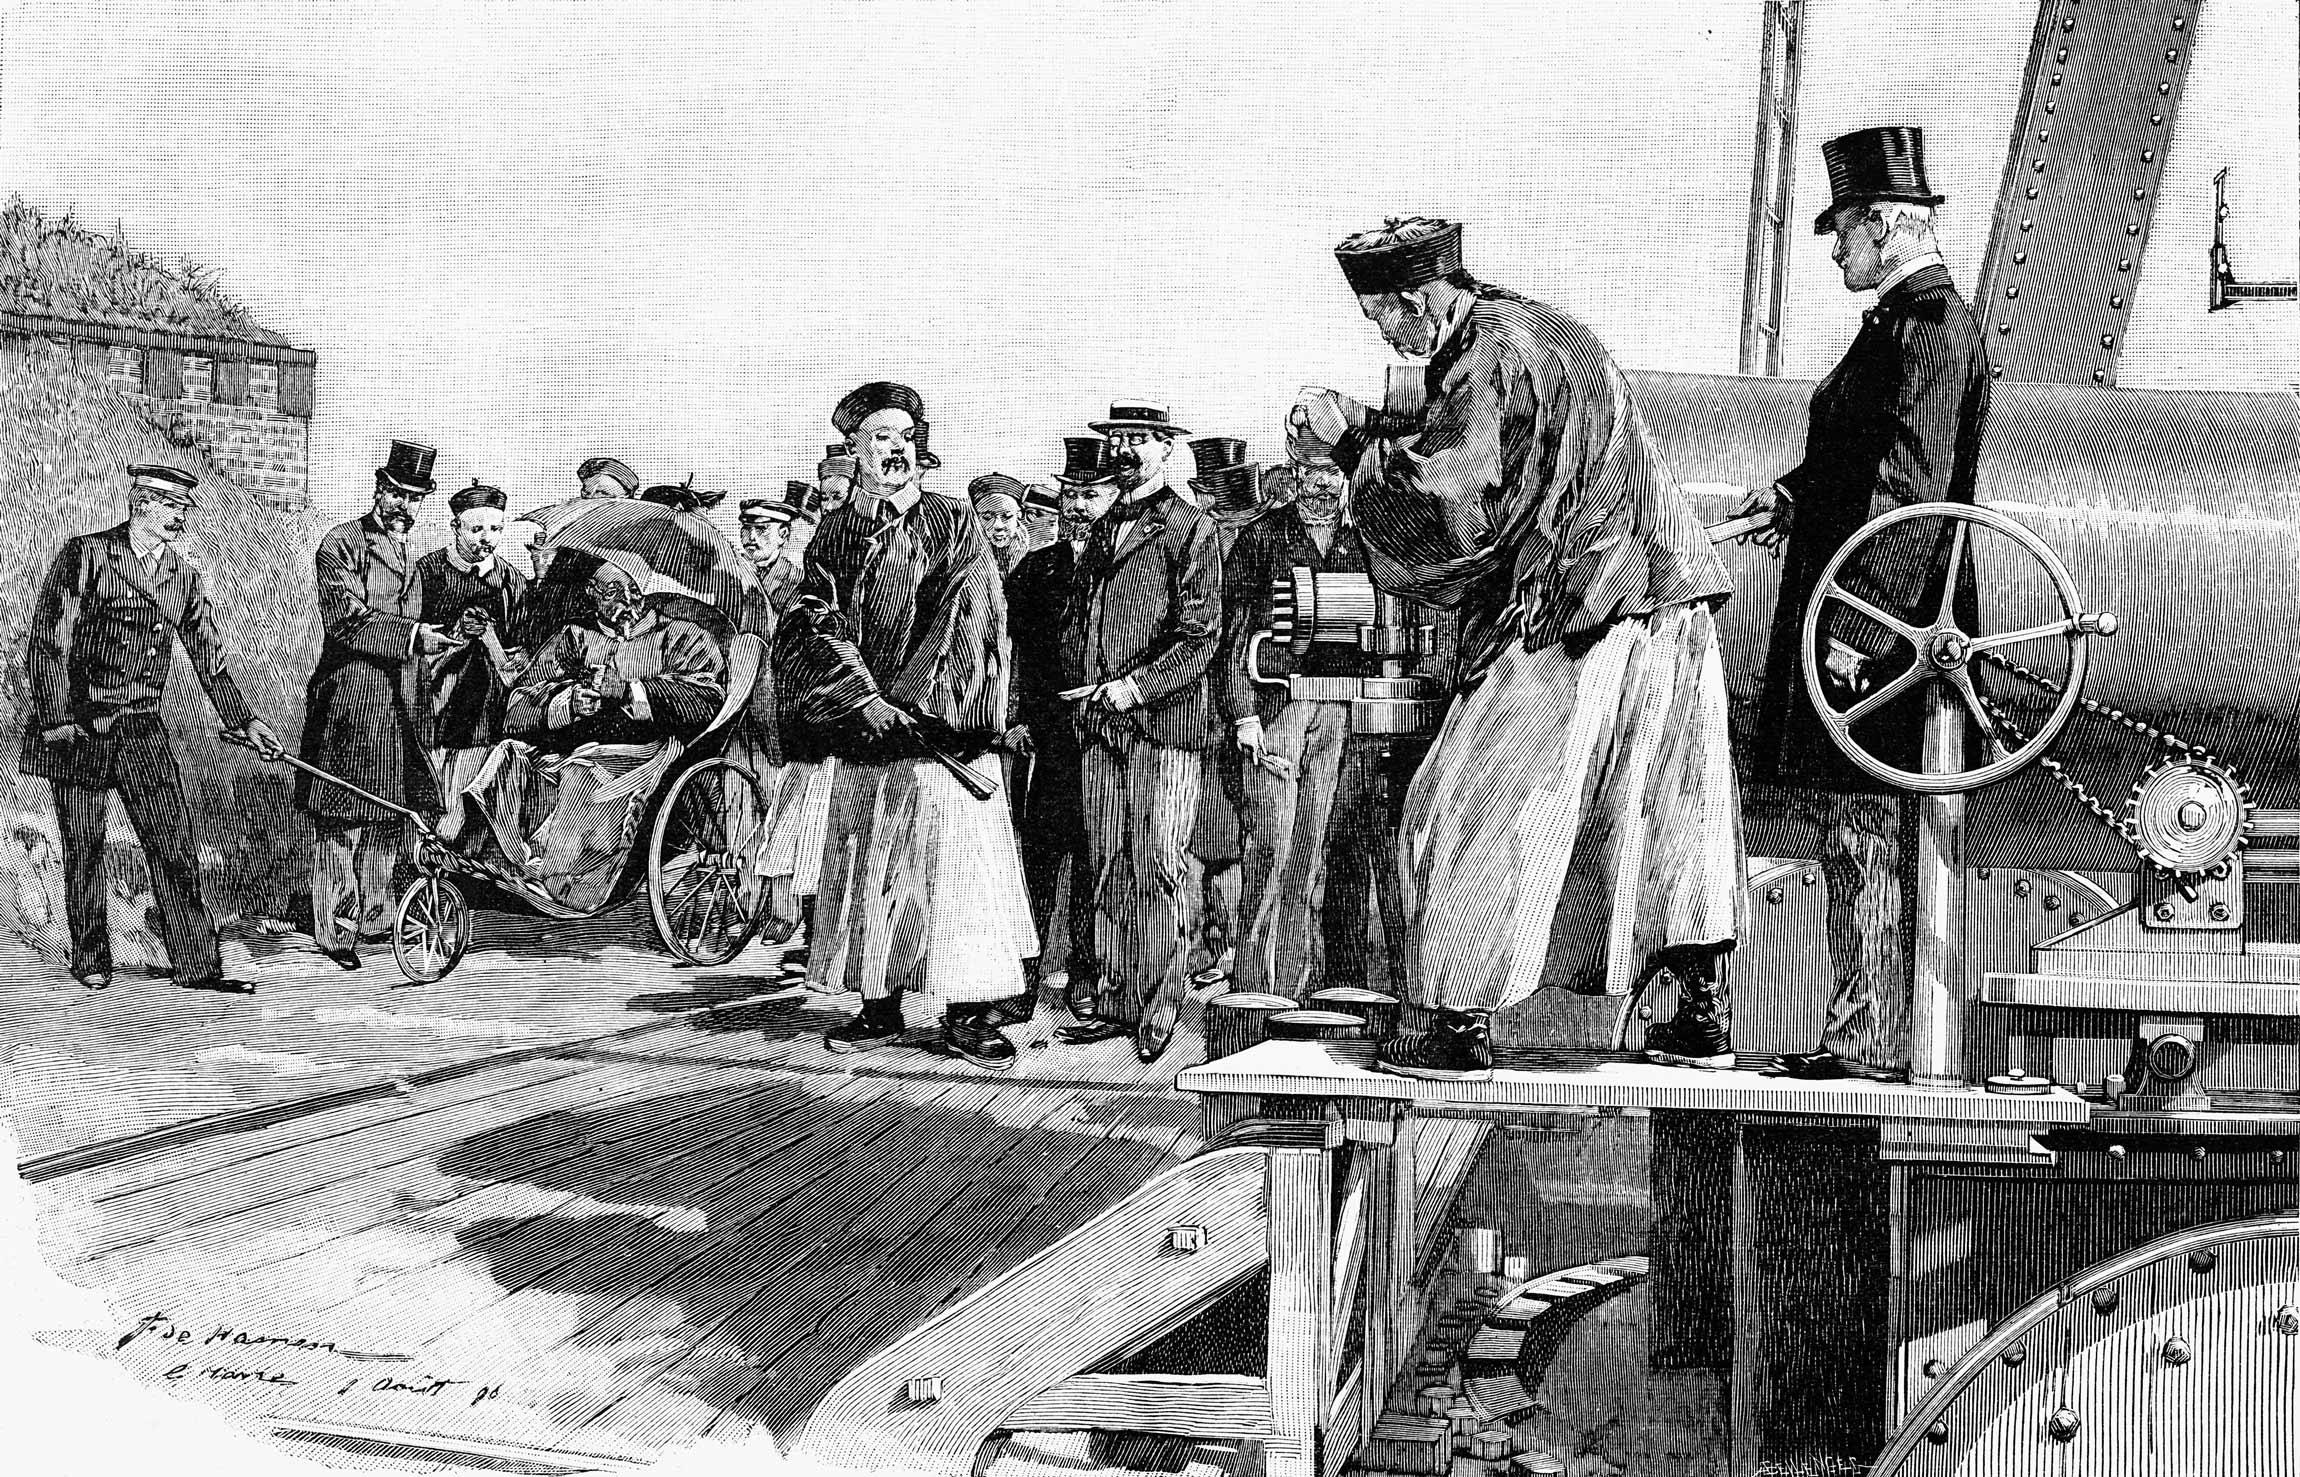 时任北洋大臣李鸿章,面对西方世界的坚船利炮,开始了中国近代在「器物」层面的现代化。